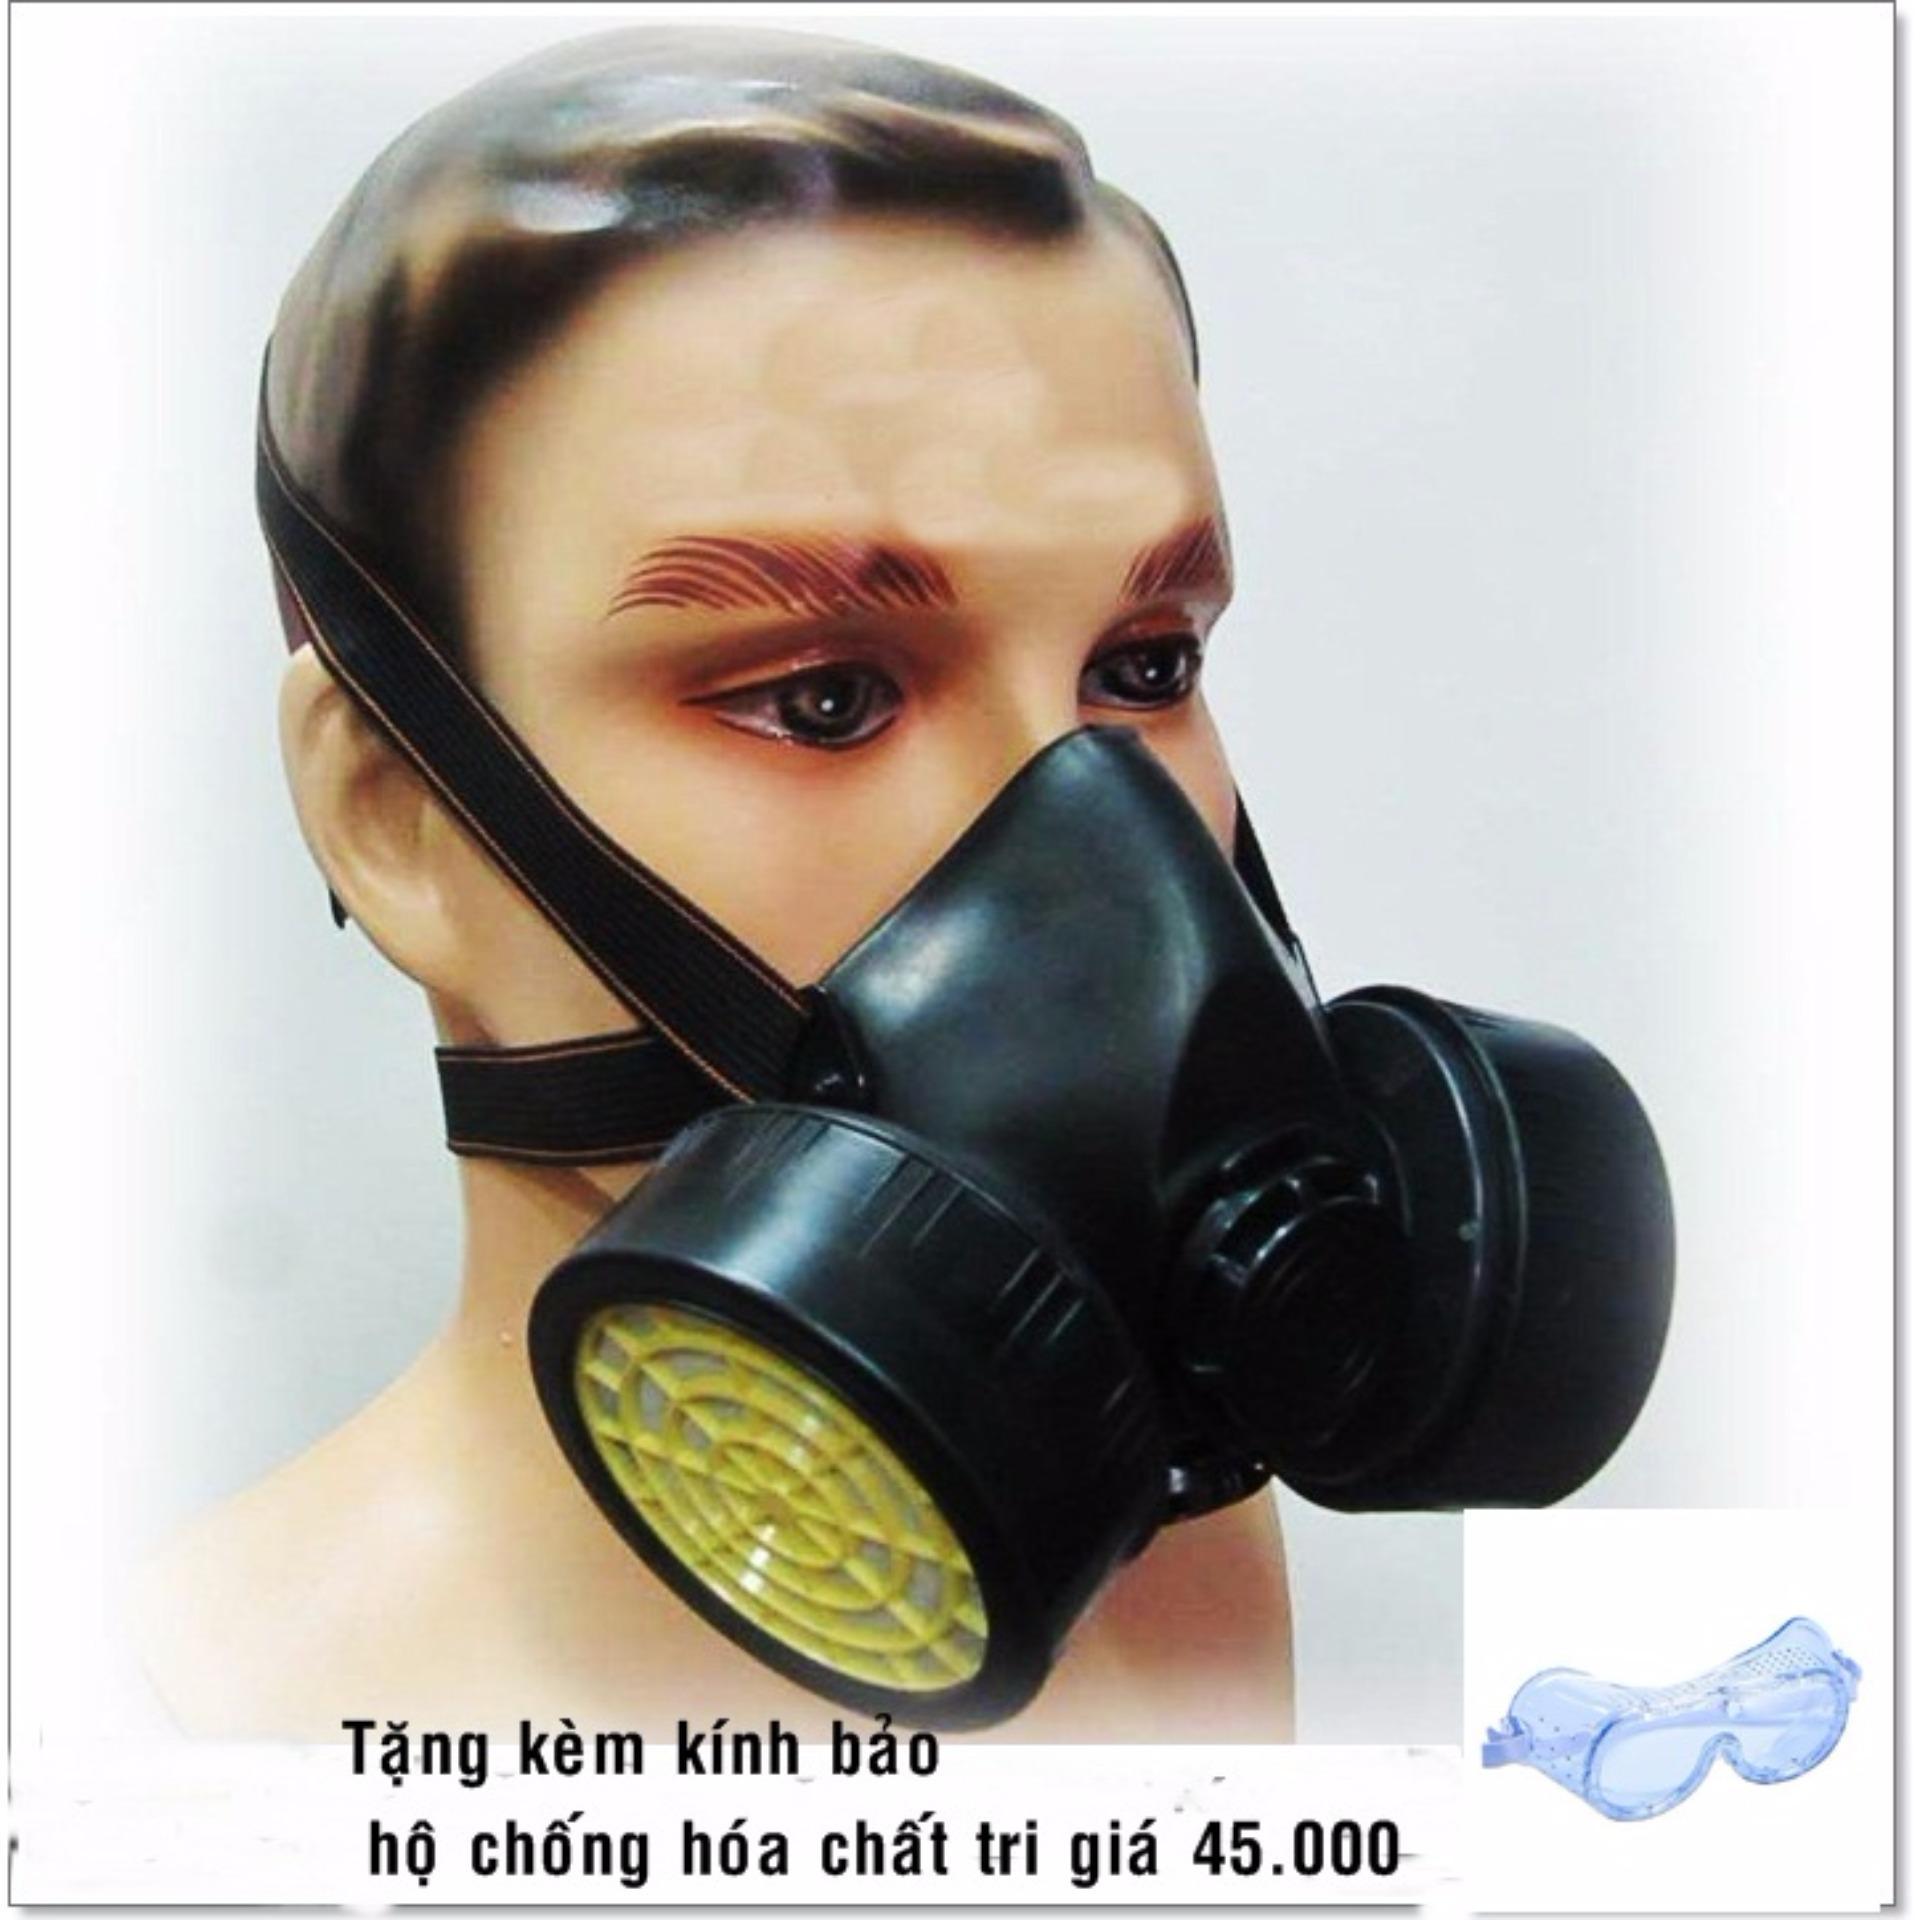 Chỗ nào bán Mặt nạ phòng độc 2 phin BB 306 + Tặng kèm 1 kính bảo hộ chống hóa chất